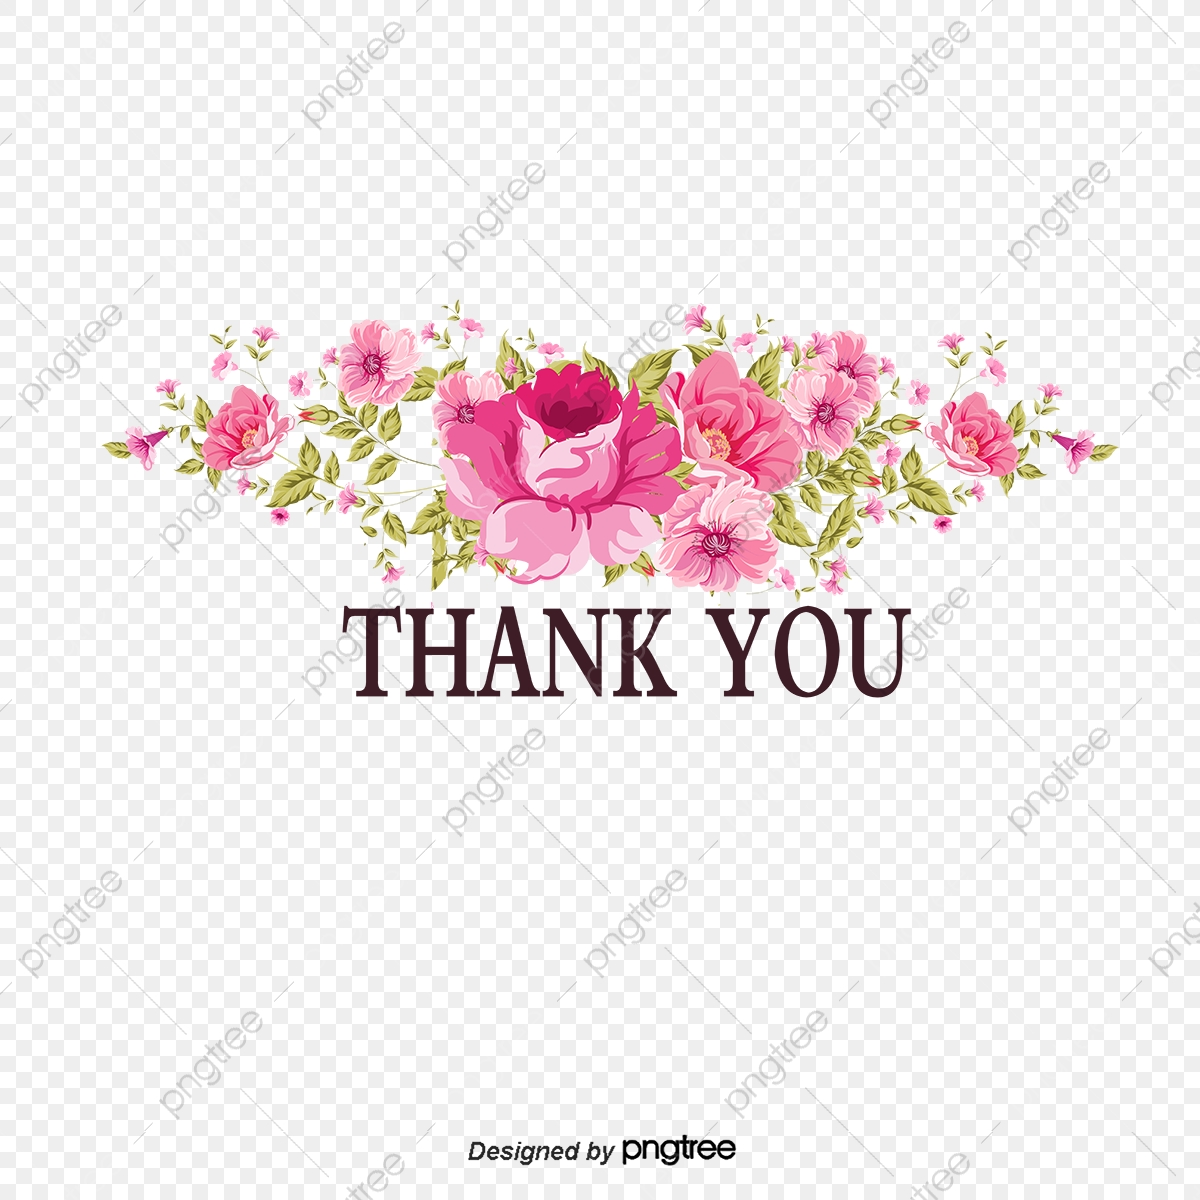 بطاقة صغيرة جميلة شكرا ناقلات بابوا نيو غينيا شكرا لك بطاقة شكرا لك Png والمتجهات للتحميل مجانا